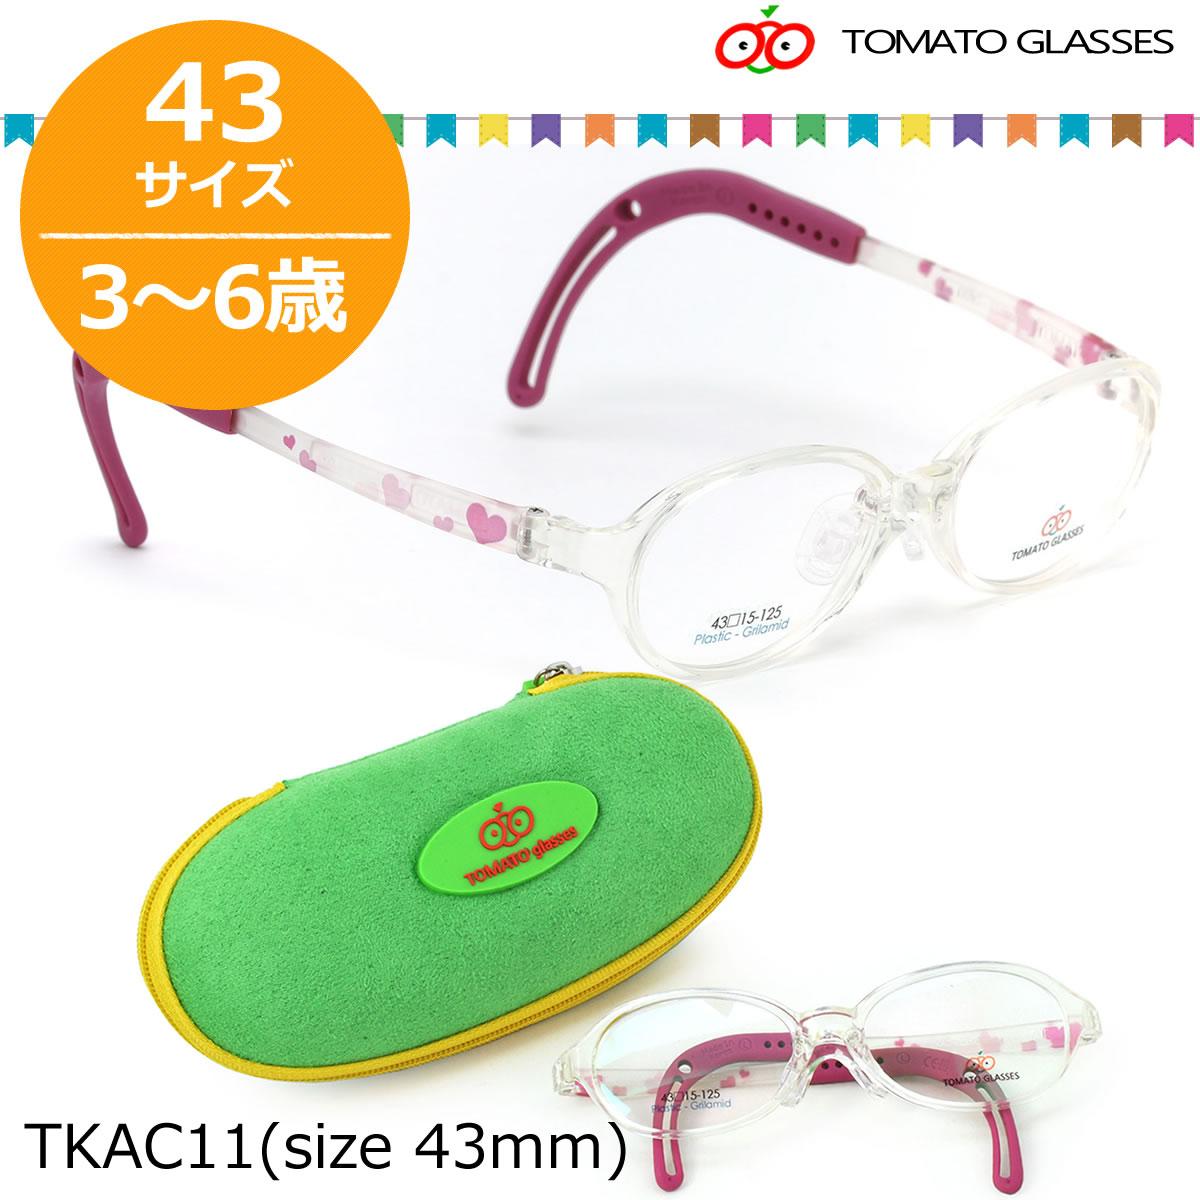 【10月30日からエントリーで全品ポイント20倍】【TOMATO GLASSES】(トマトグラッシーズ) キッズ用メガネ メガネ フレーム TKAC 11 43サイズ オシャレ おしゃれ おすすめ 可愛い 安全 安心 キッズA 軽量 柔らかい 3歳~6歳 トマトグラッシーズ TOMATO GLASSES …